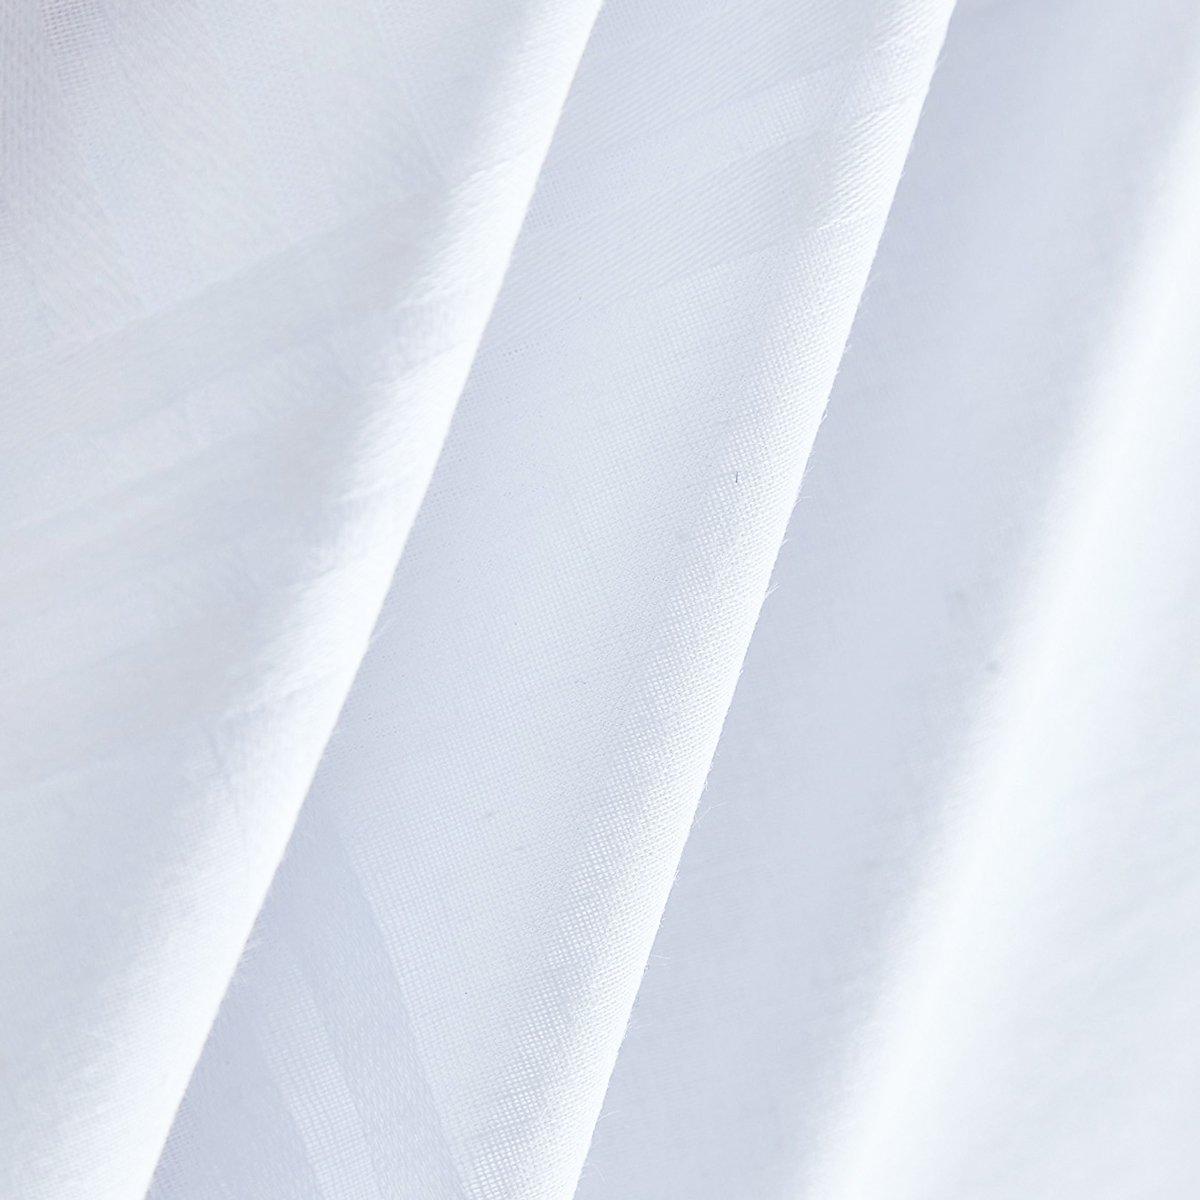 LACS Men's Solid White Cotton Handkerchiefs Pack by LACS Handkerchiefs (Image #7)